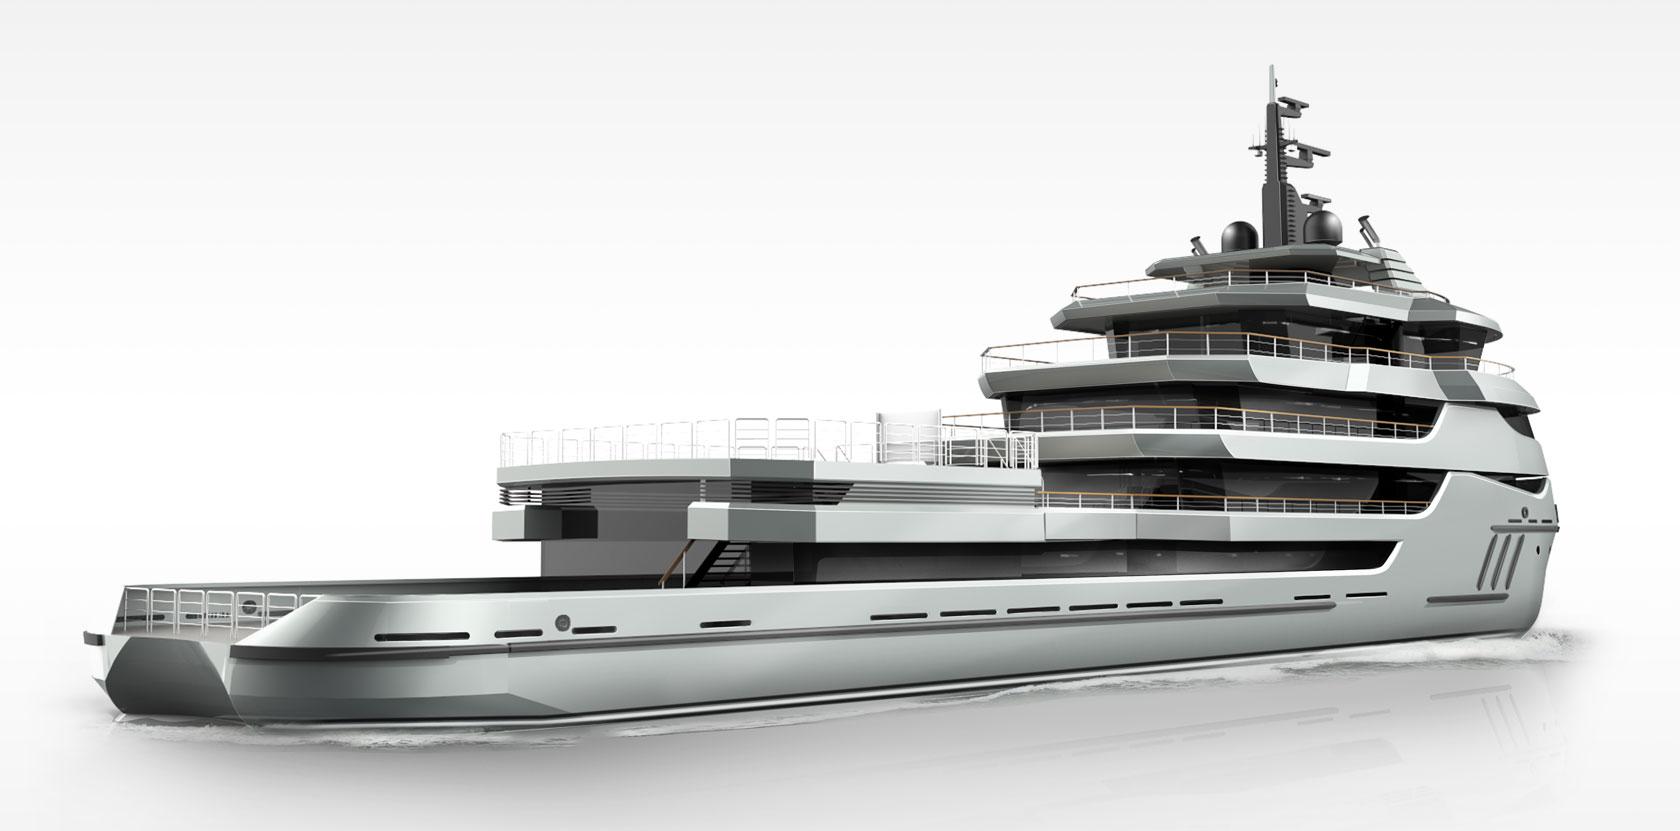 68m Conversion Explorer Superyacht Project